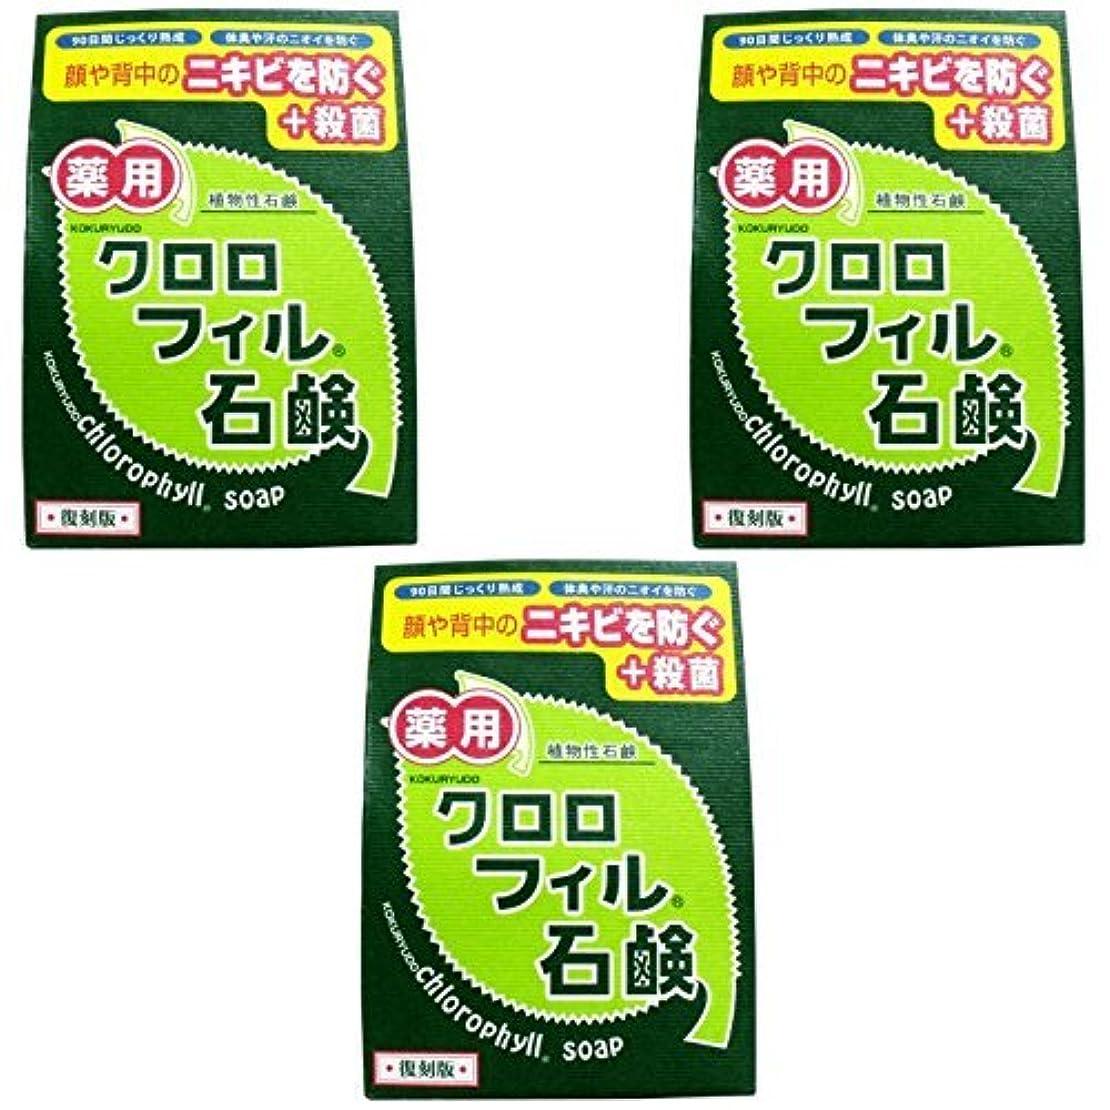 服を洗う隔離これら【まとめ買い】クロロフィル石鹸 復刻版 85g (医薬部外品)【×3個】